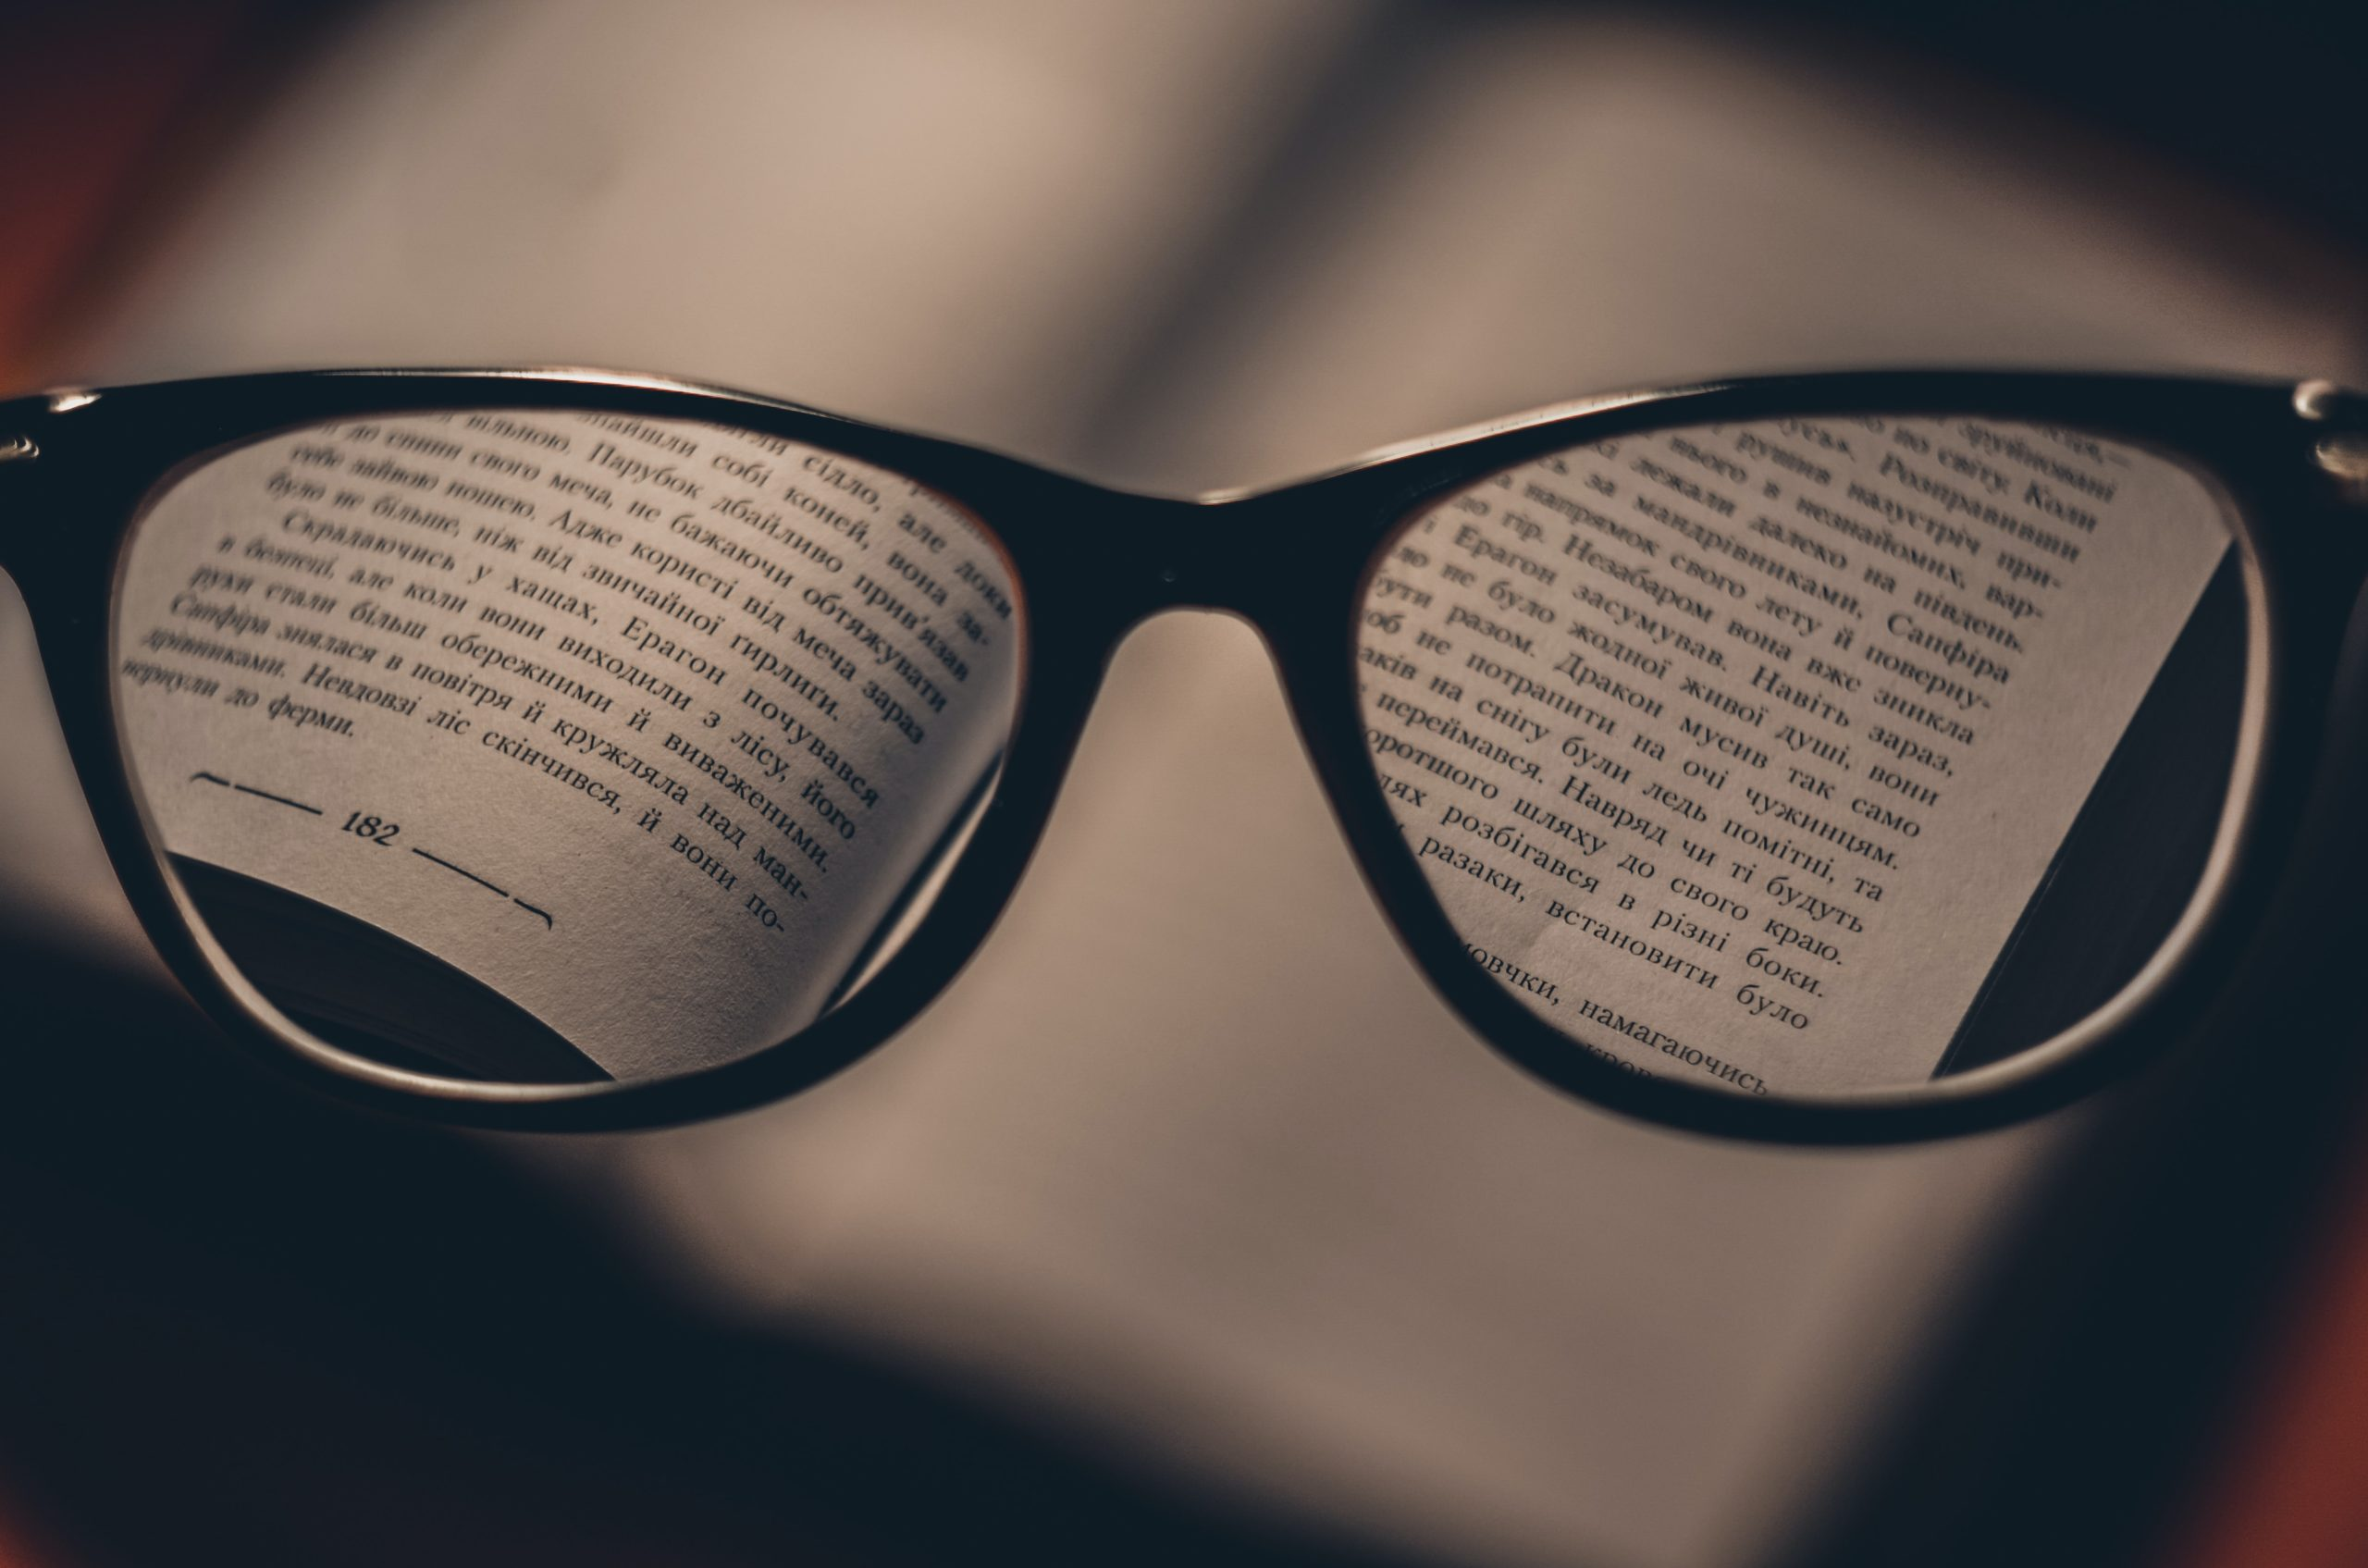 Silmälasit avoimen kirjan päällä